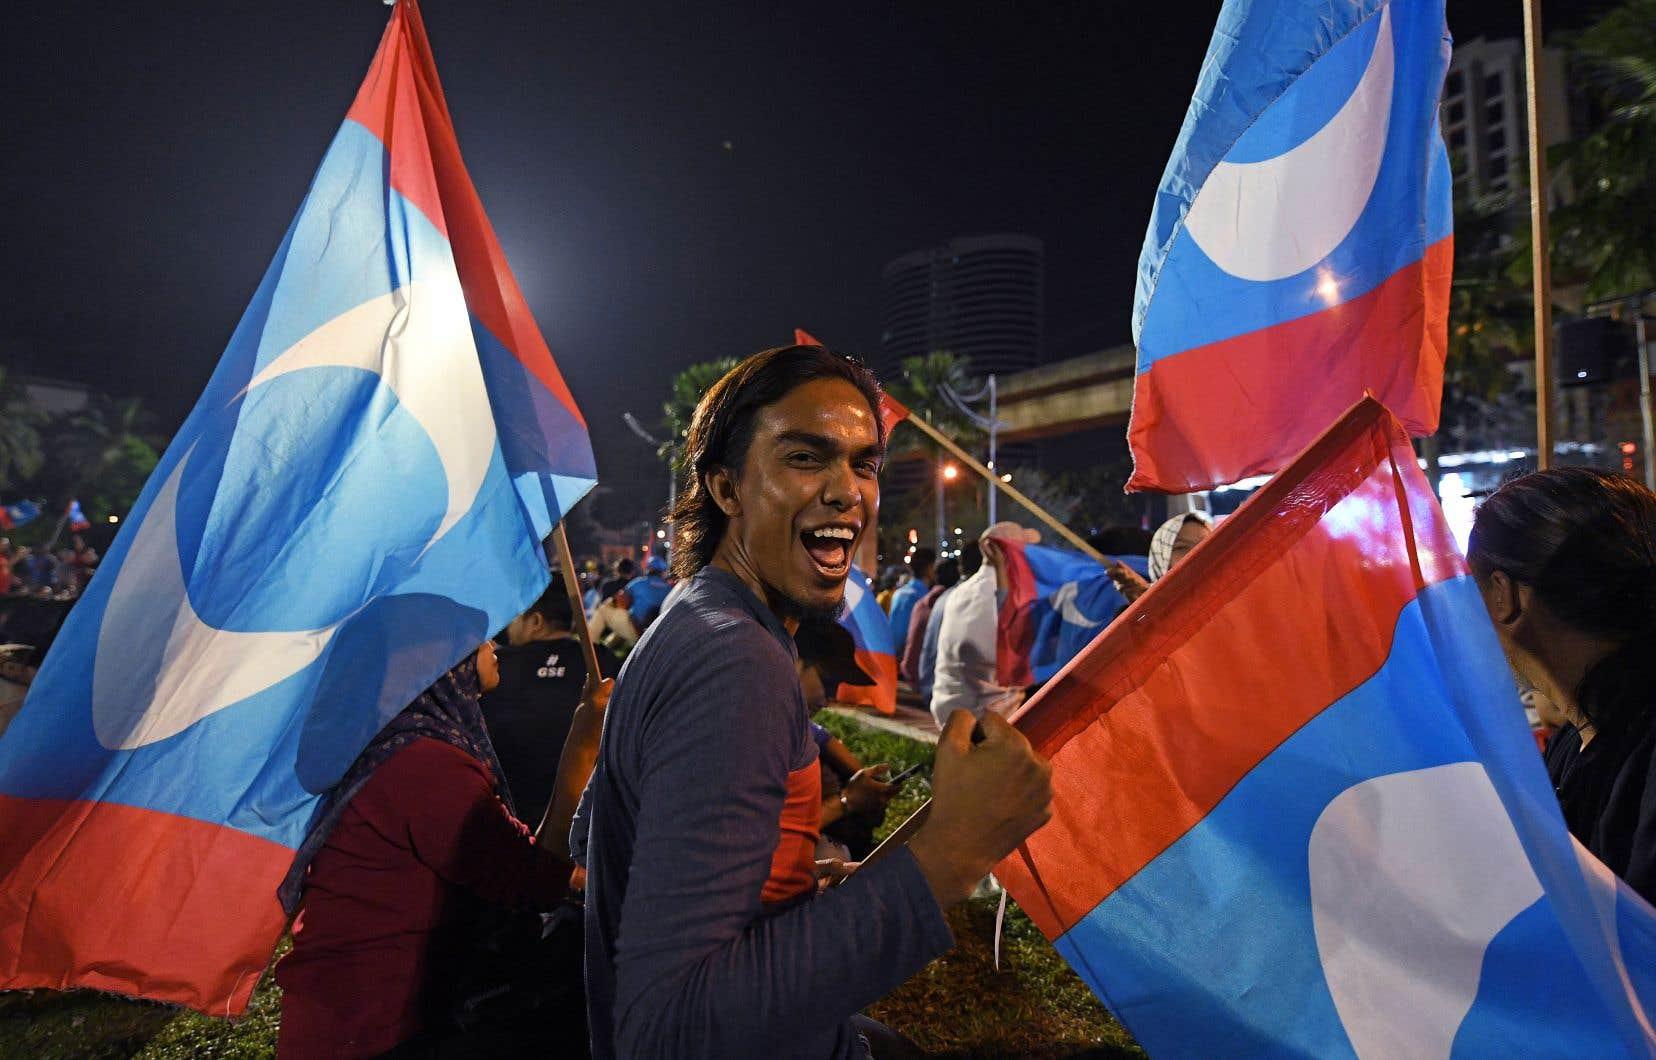 Un partisan de l'ancien premier ministre et candidat de l'opposition Mahathir Mohamad célèbre la victoire de son candidat à Kuala Lampur.